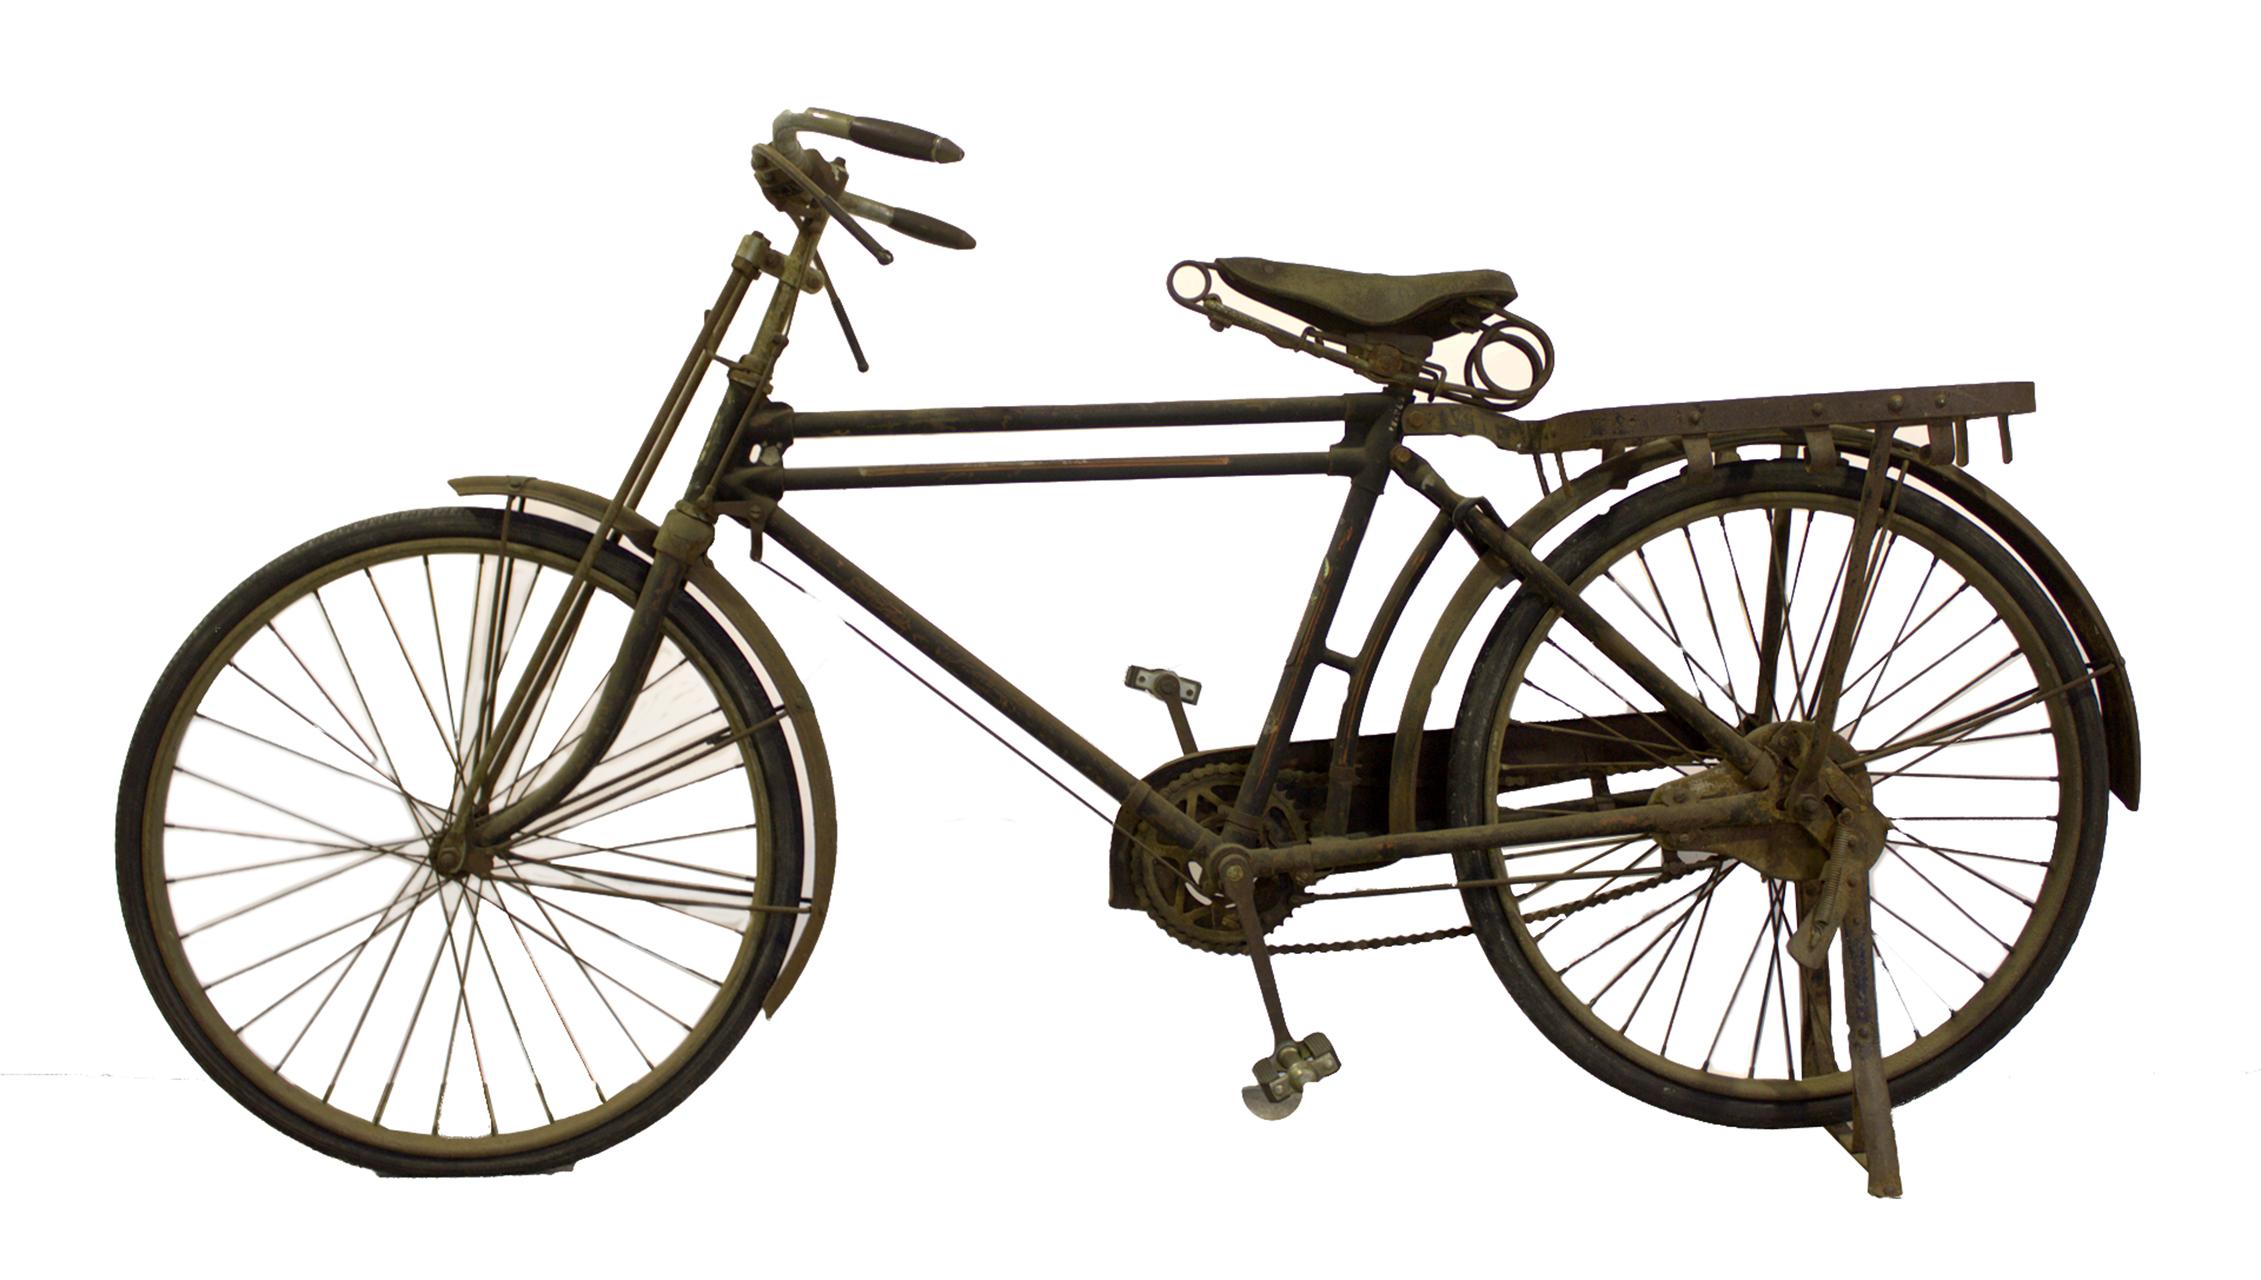 【腳踏車·腳踏】一般腳踏車 – TouPeenSeen部落格